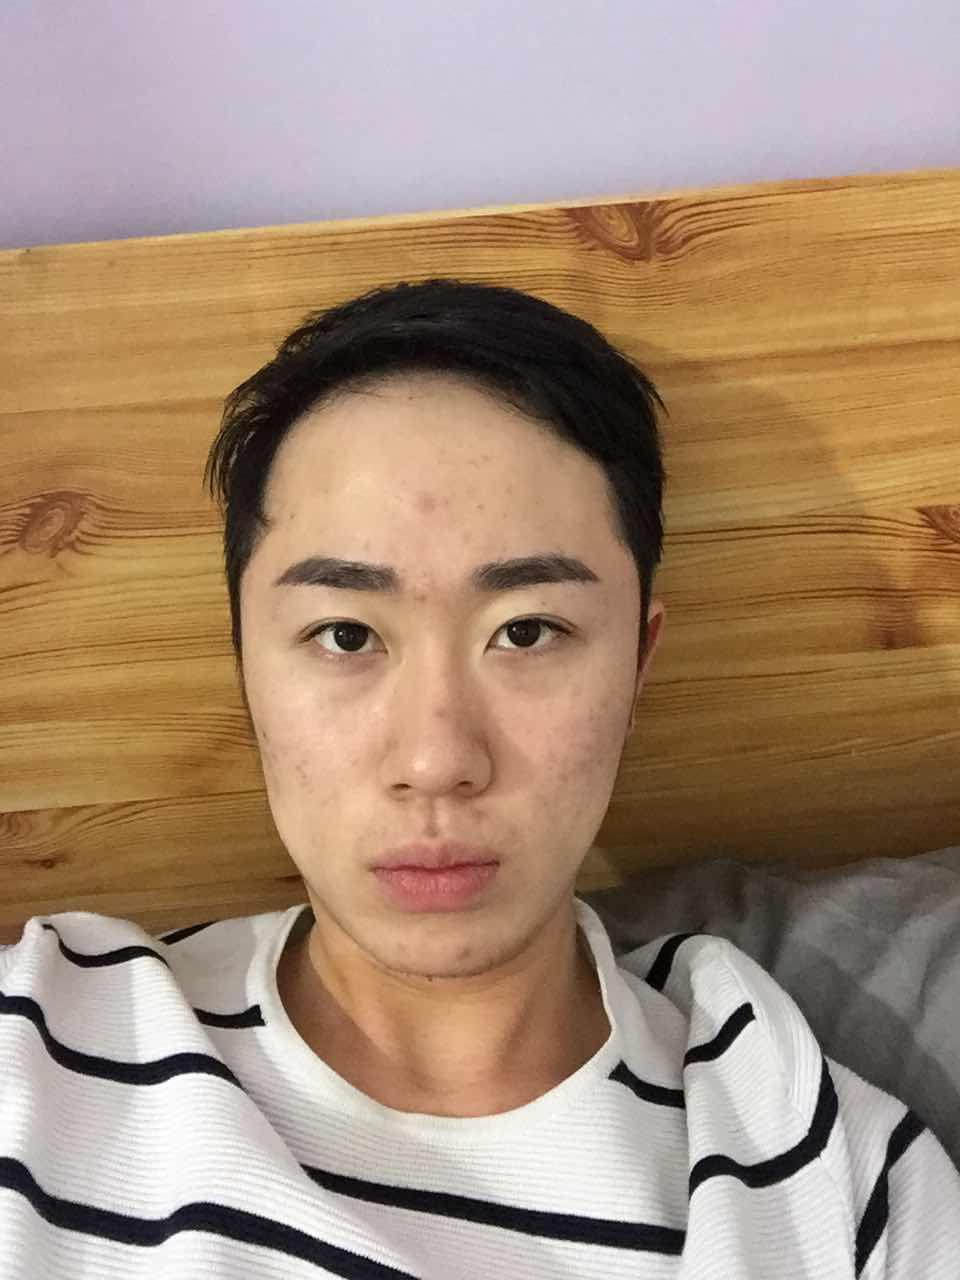 面部黑斑是怎么形成的,用什么方法去除好呢,我需要做哪些